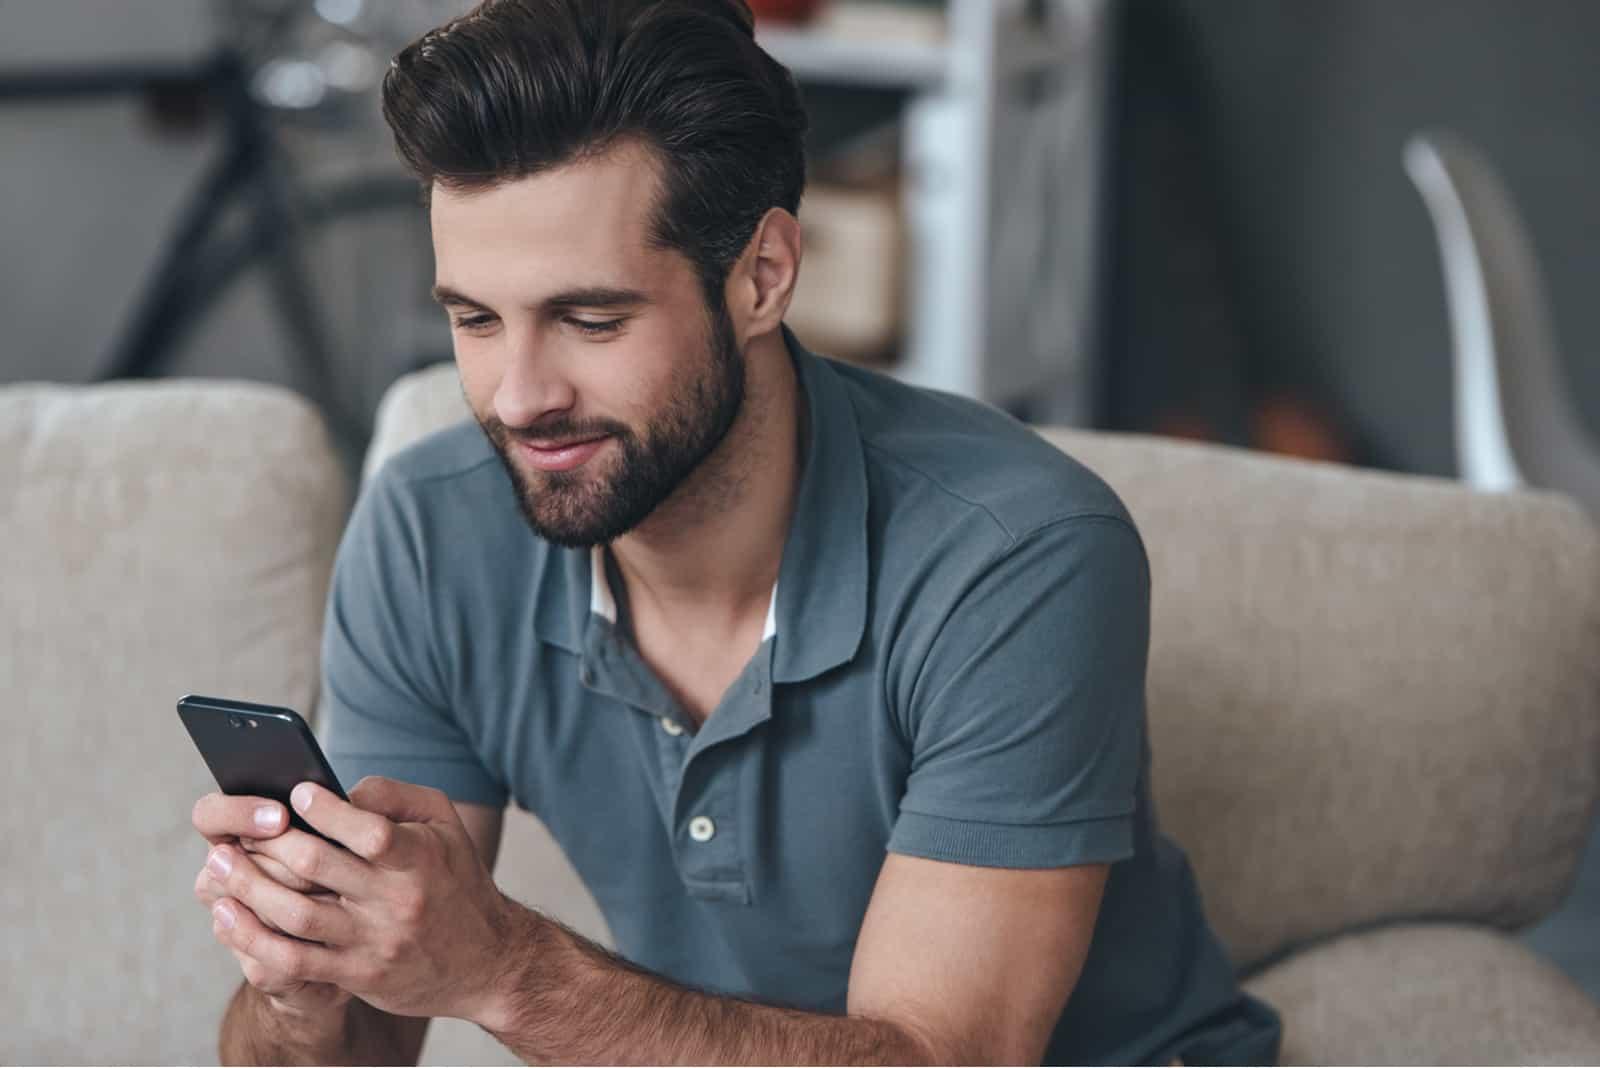 Mann hält Telefon und lächelt